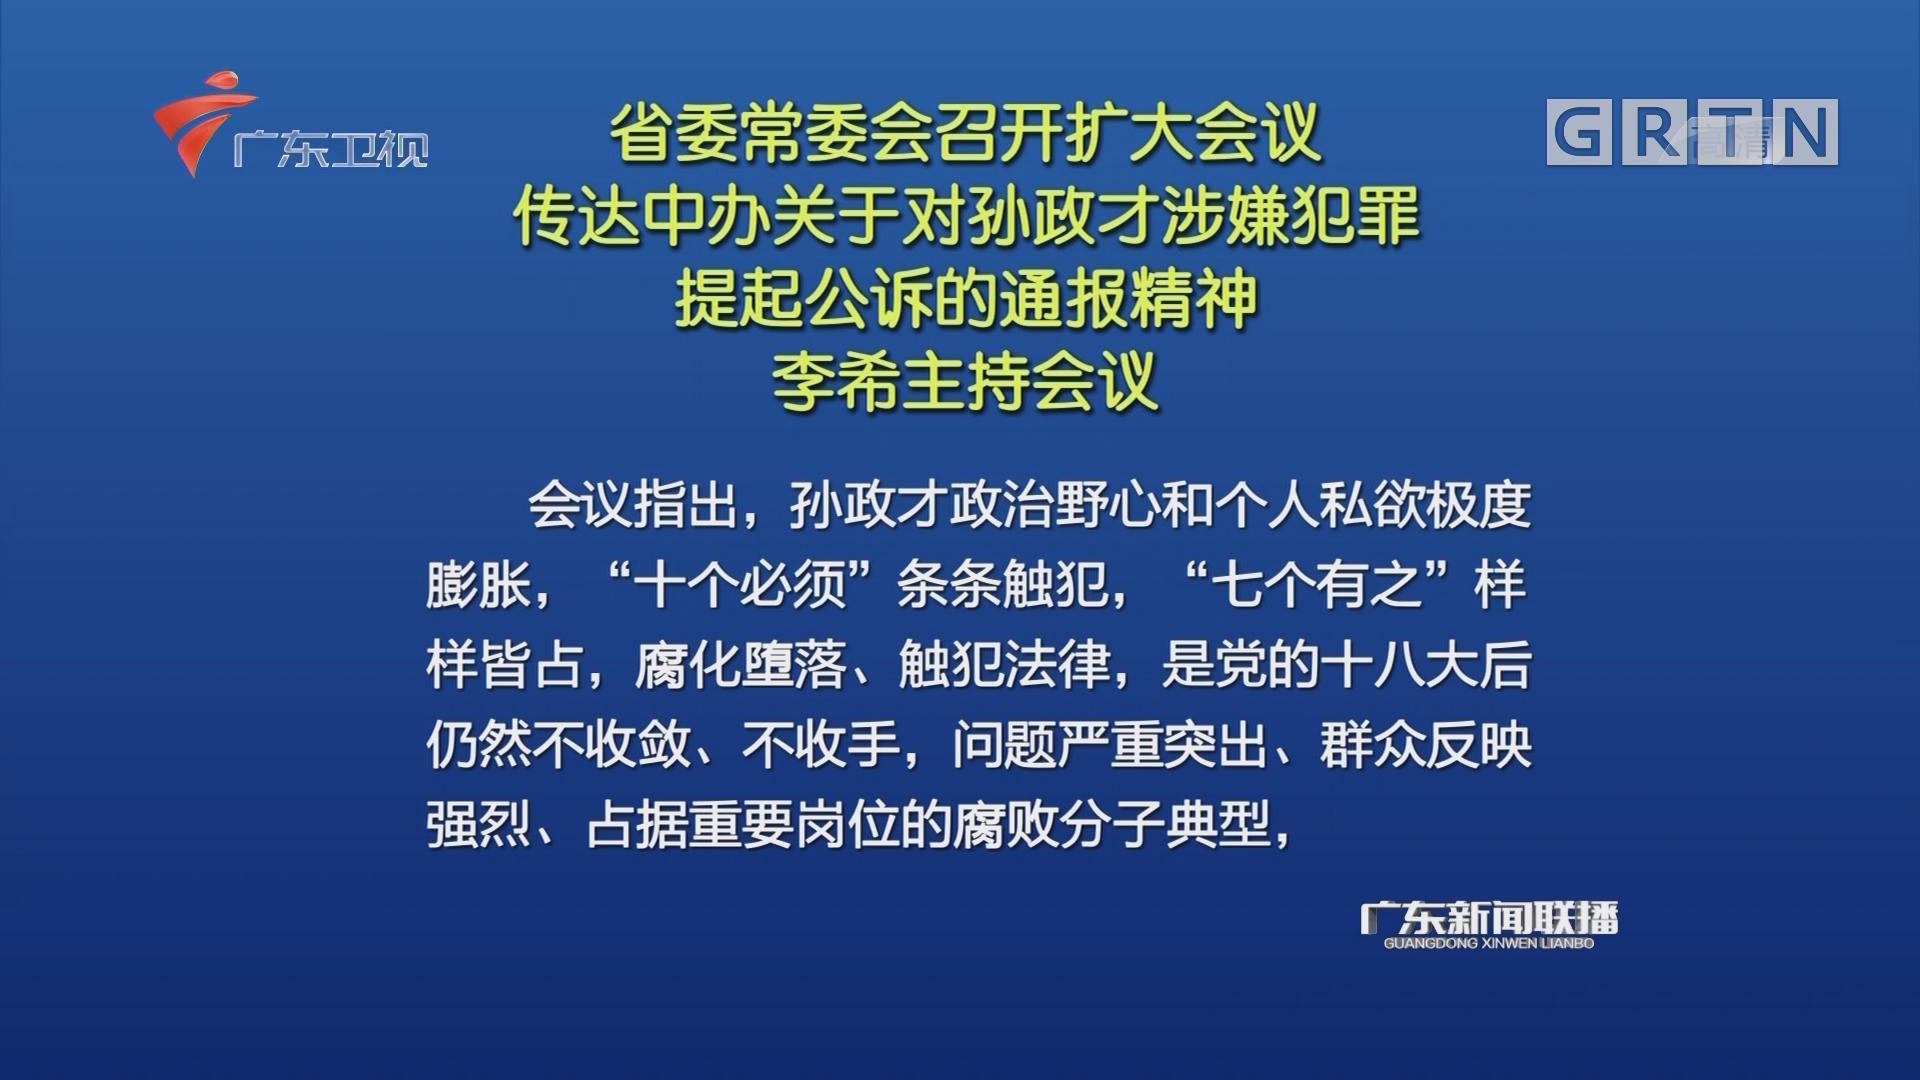 省委常委会召开扩大会议 传达中办关于对孙政才涉嫌犯罪提起公诉的通报精神 李希主持会议